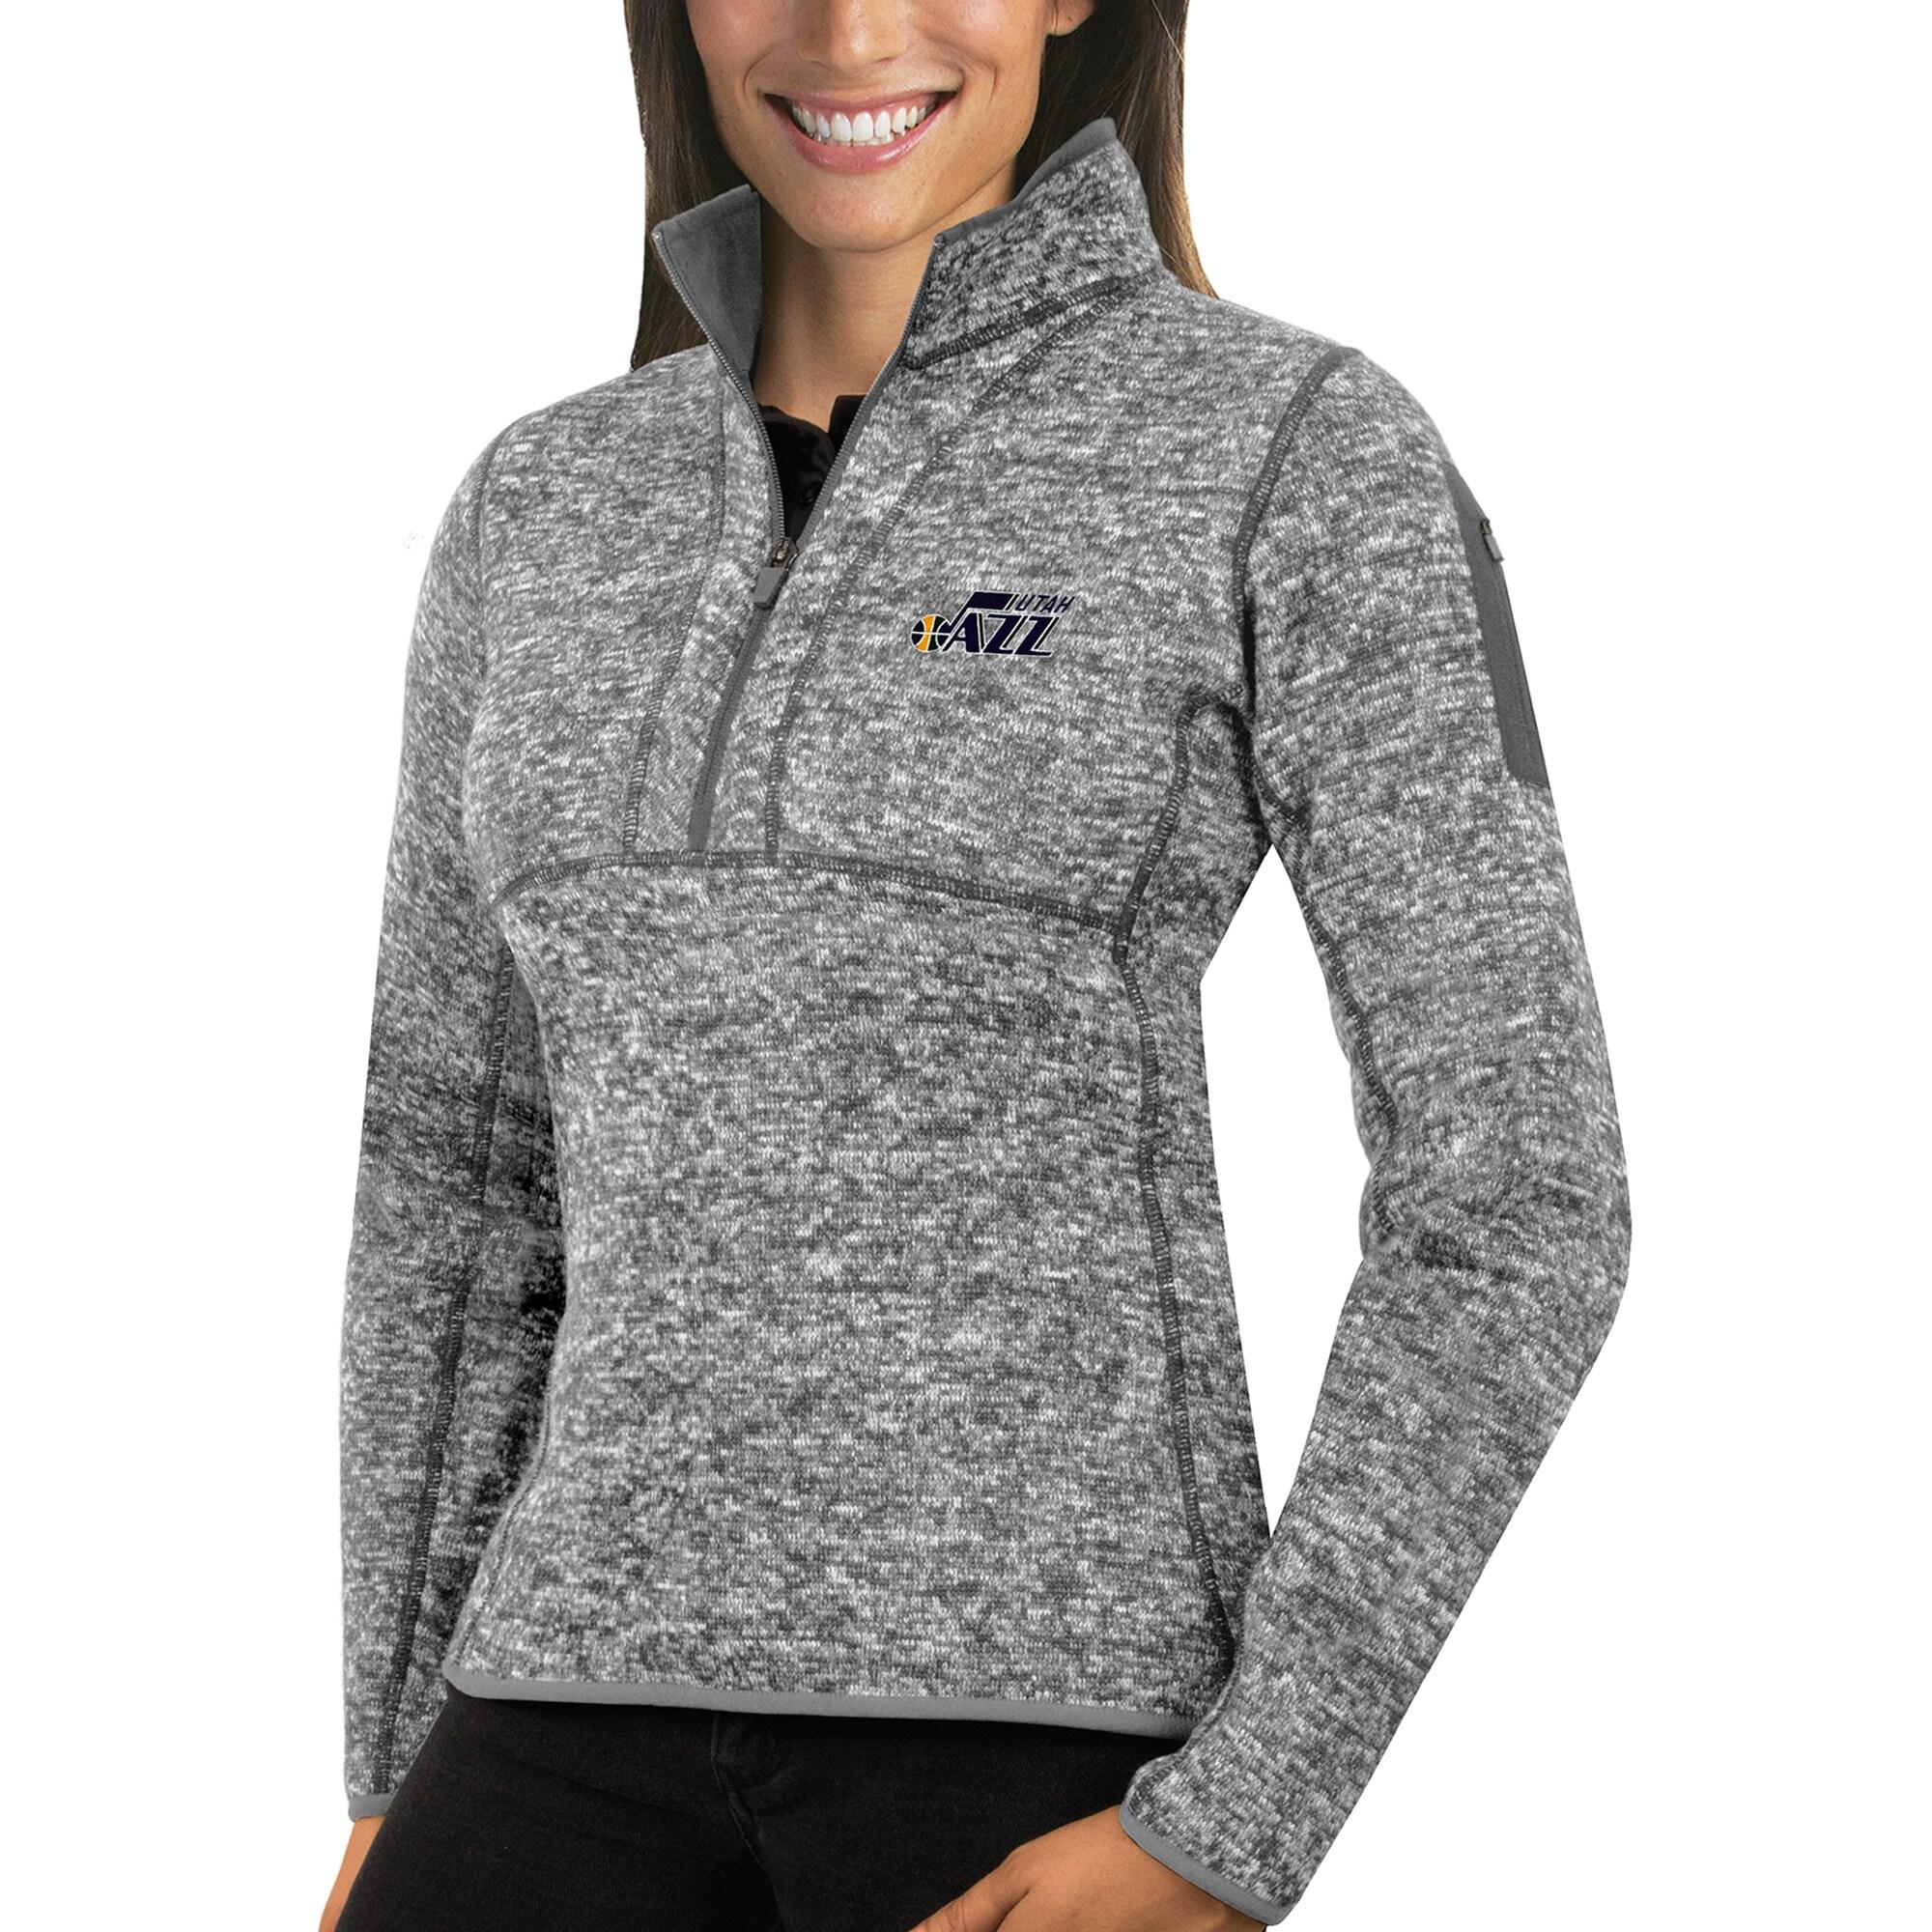 Utah Jazz Antigua Women's Fortune Half-Zip Pullover Jacket - Heather Gray